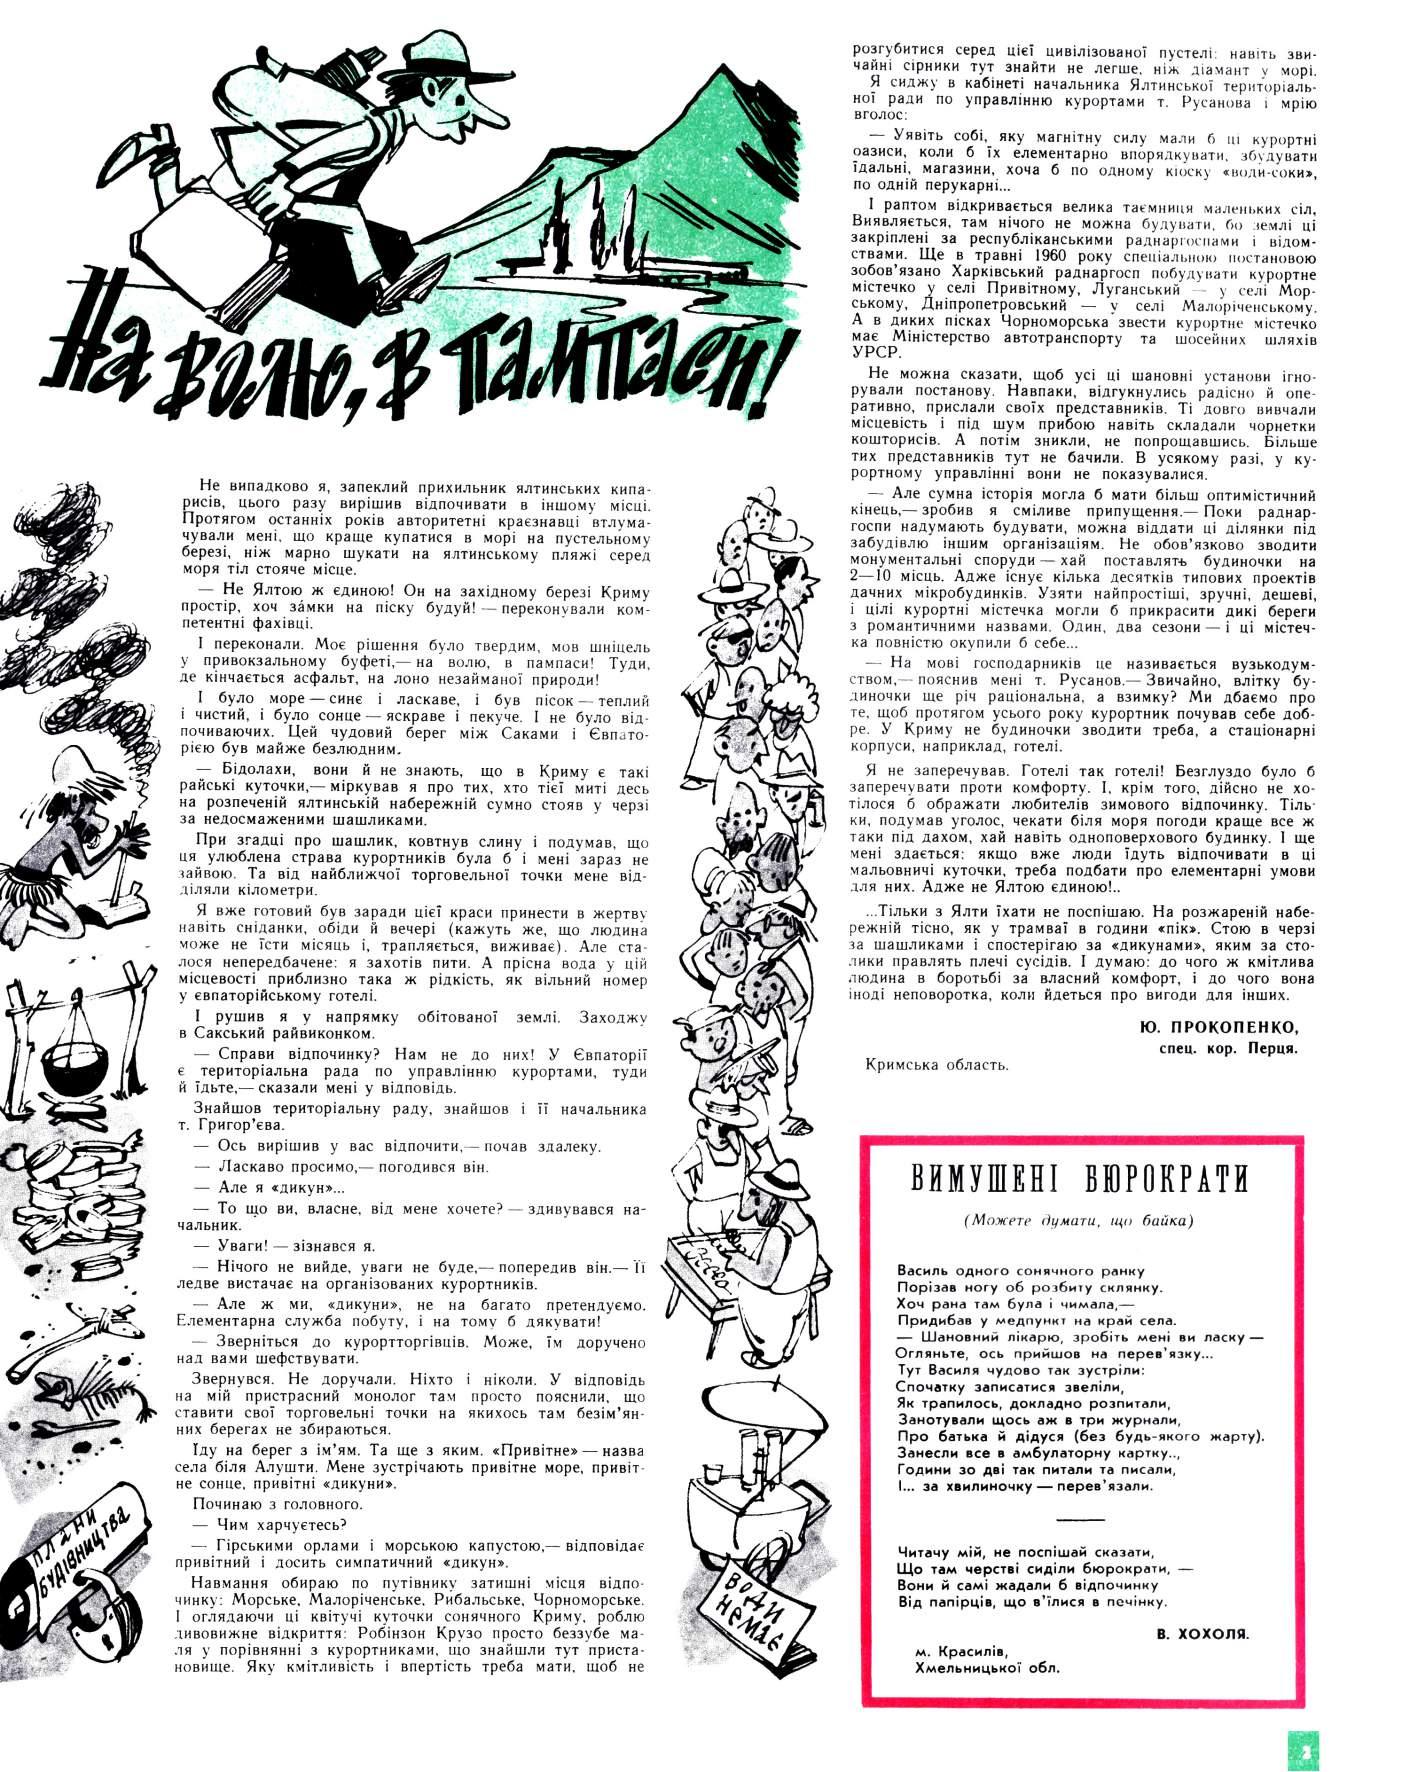 Журнал перець 1965 №10